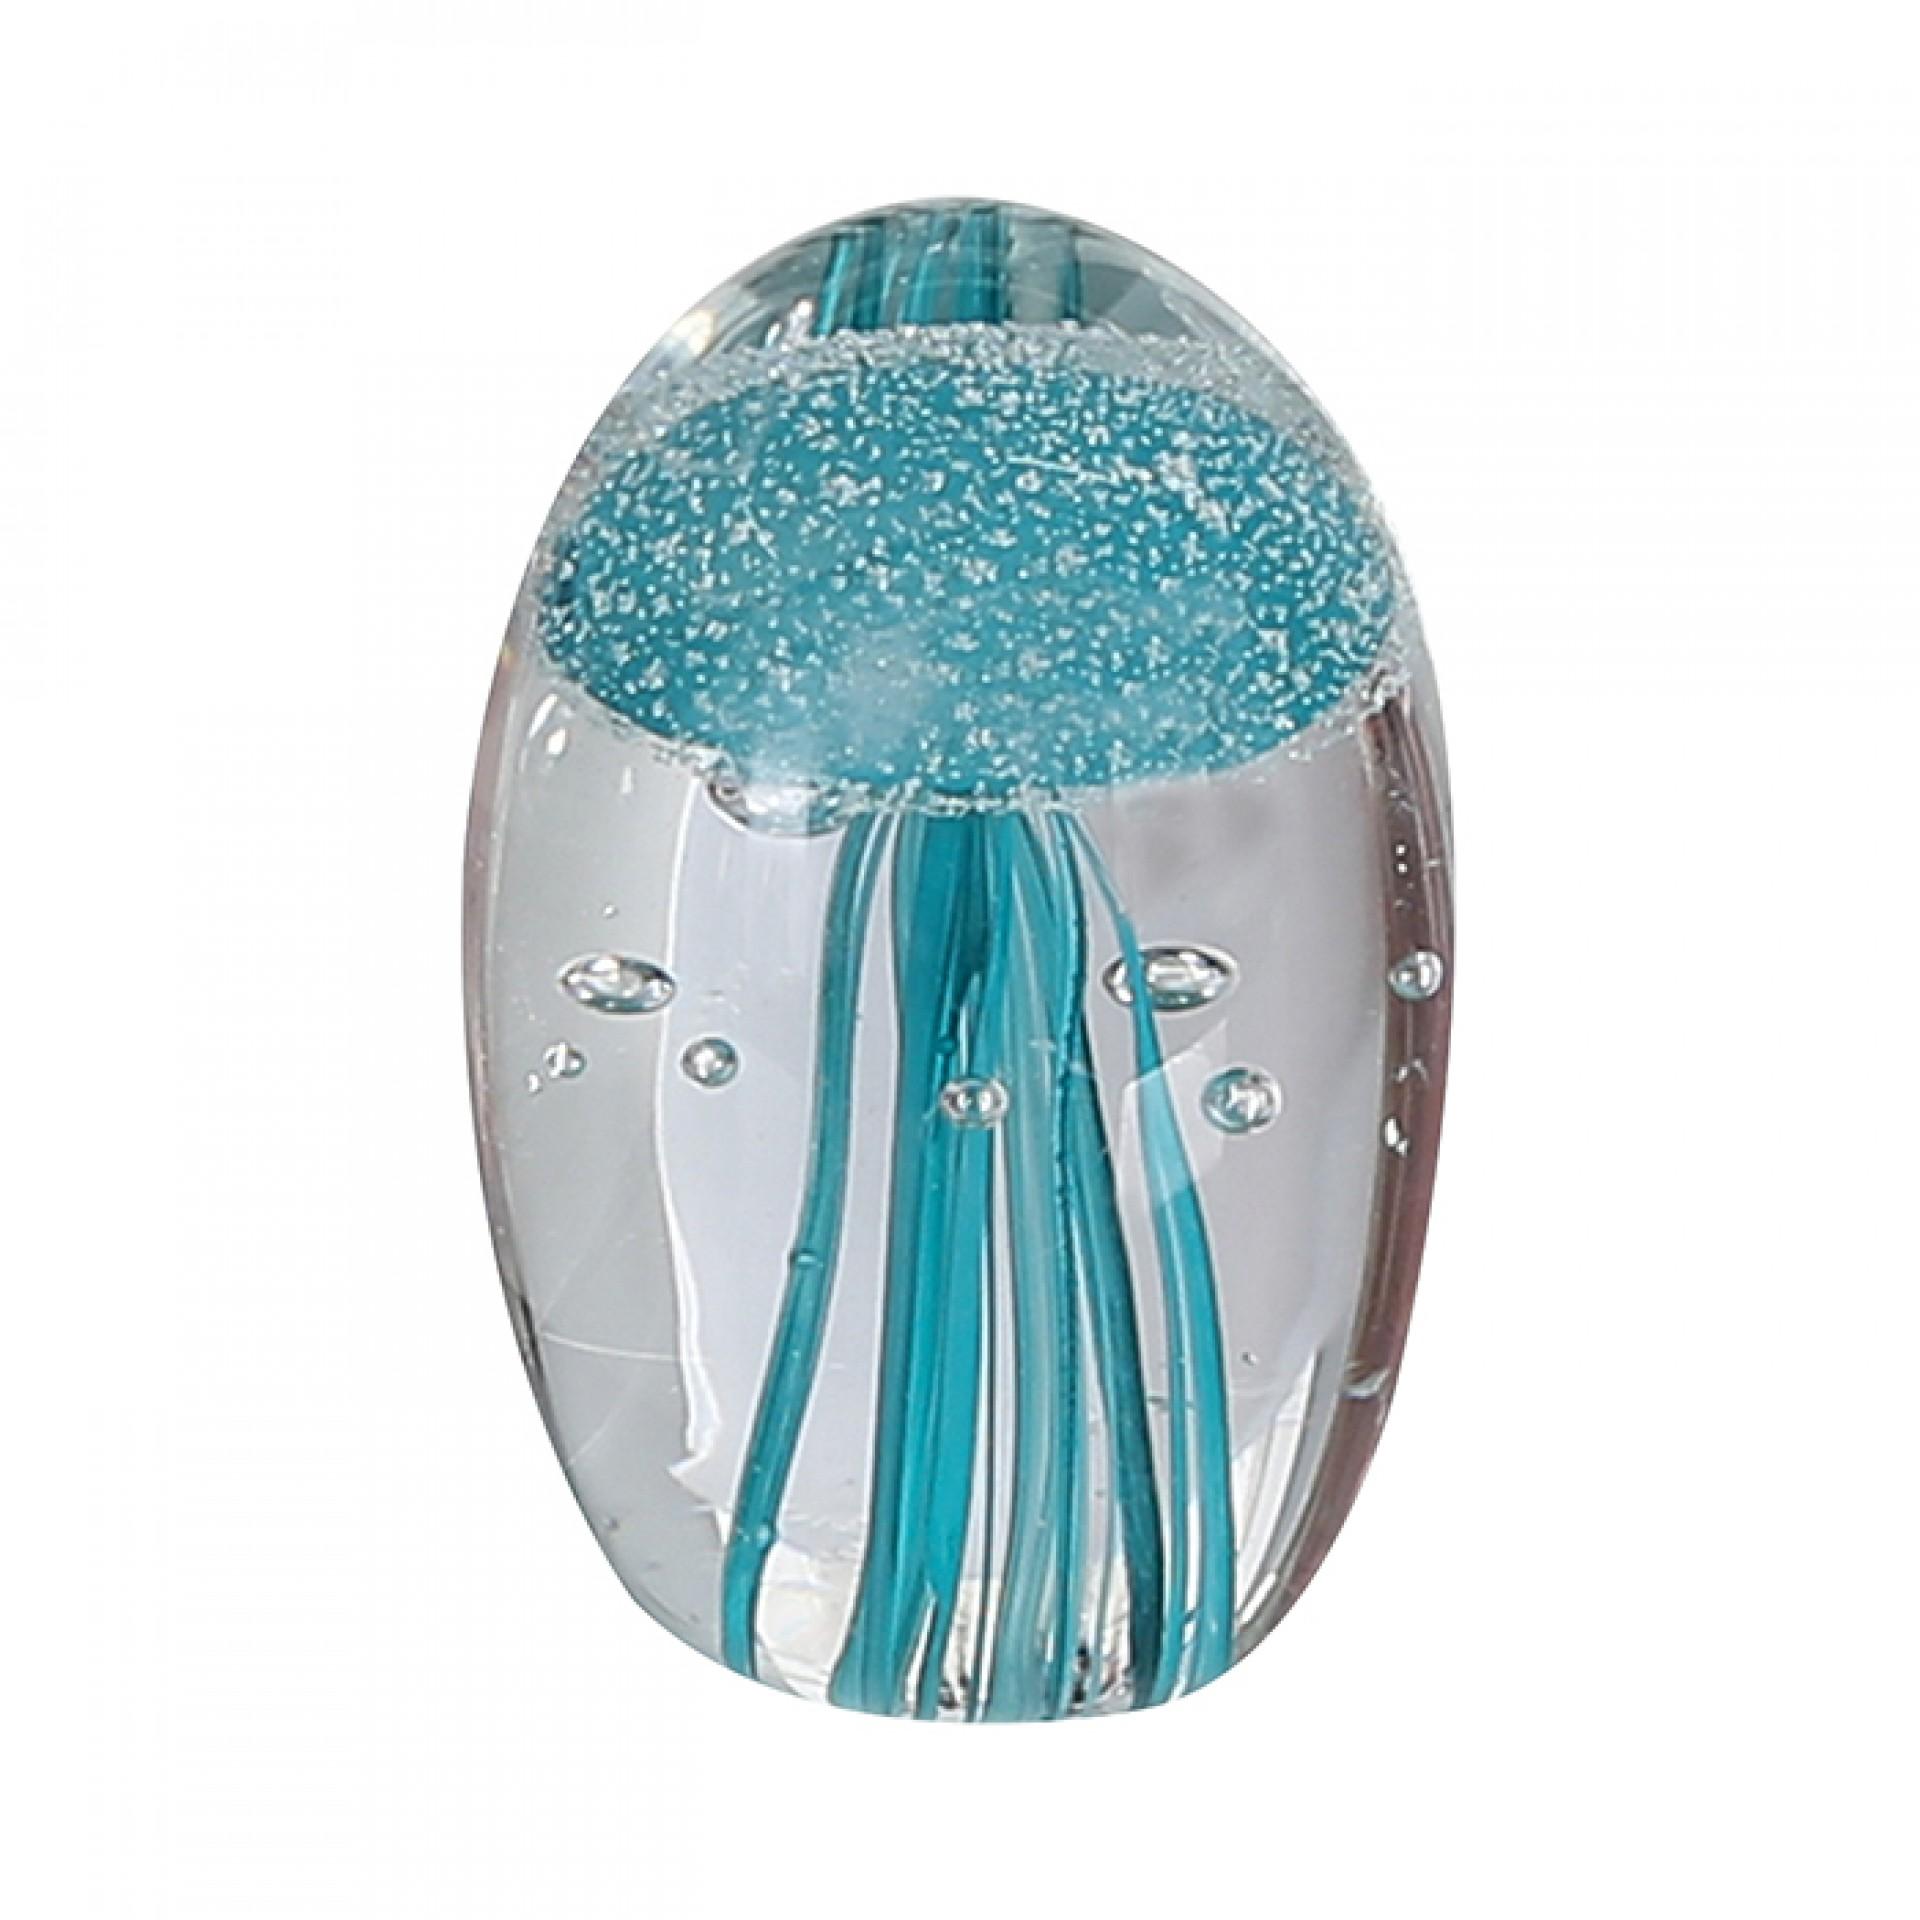 Skleněné těžítko Medúza, 8 cm, petrolejová